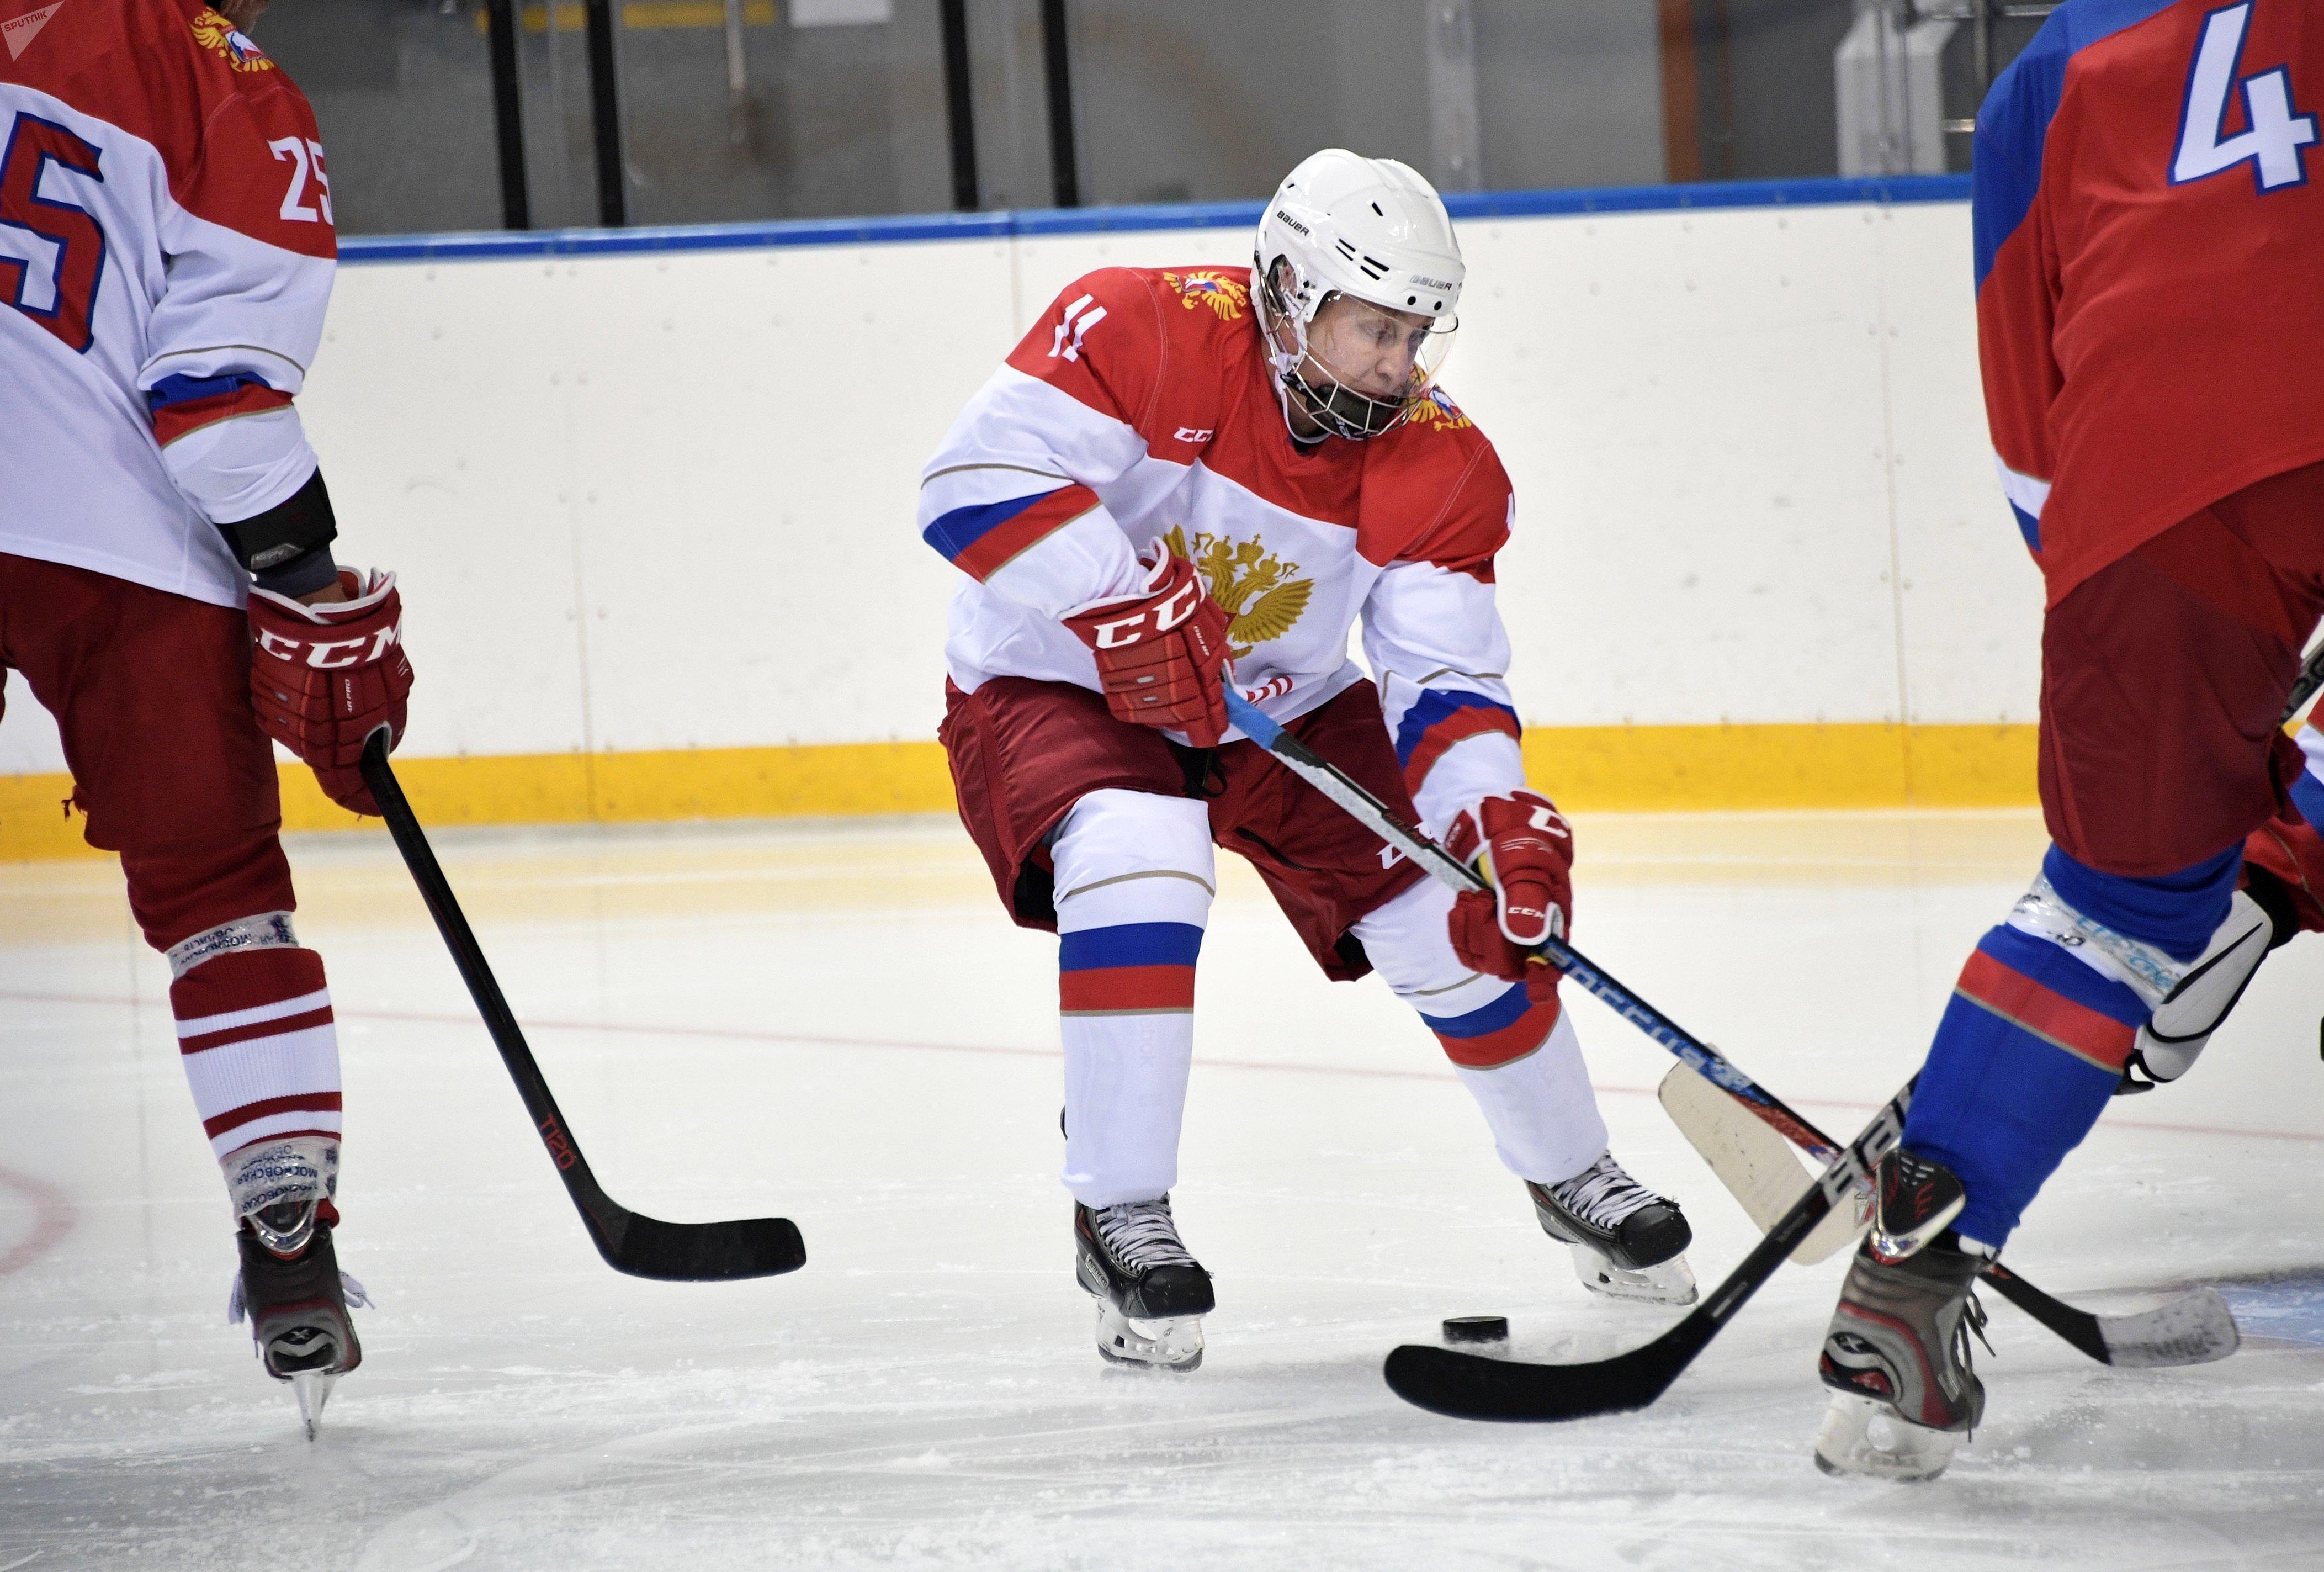 Le Président russe, Vladimir Poutine, a pratiqué son hockey dimanche 30 avril à l'Arène de glace Chaïba